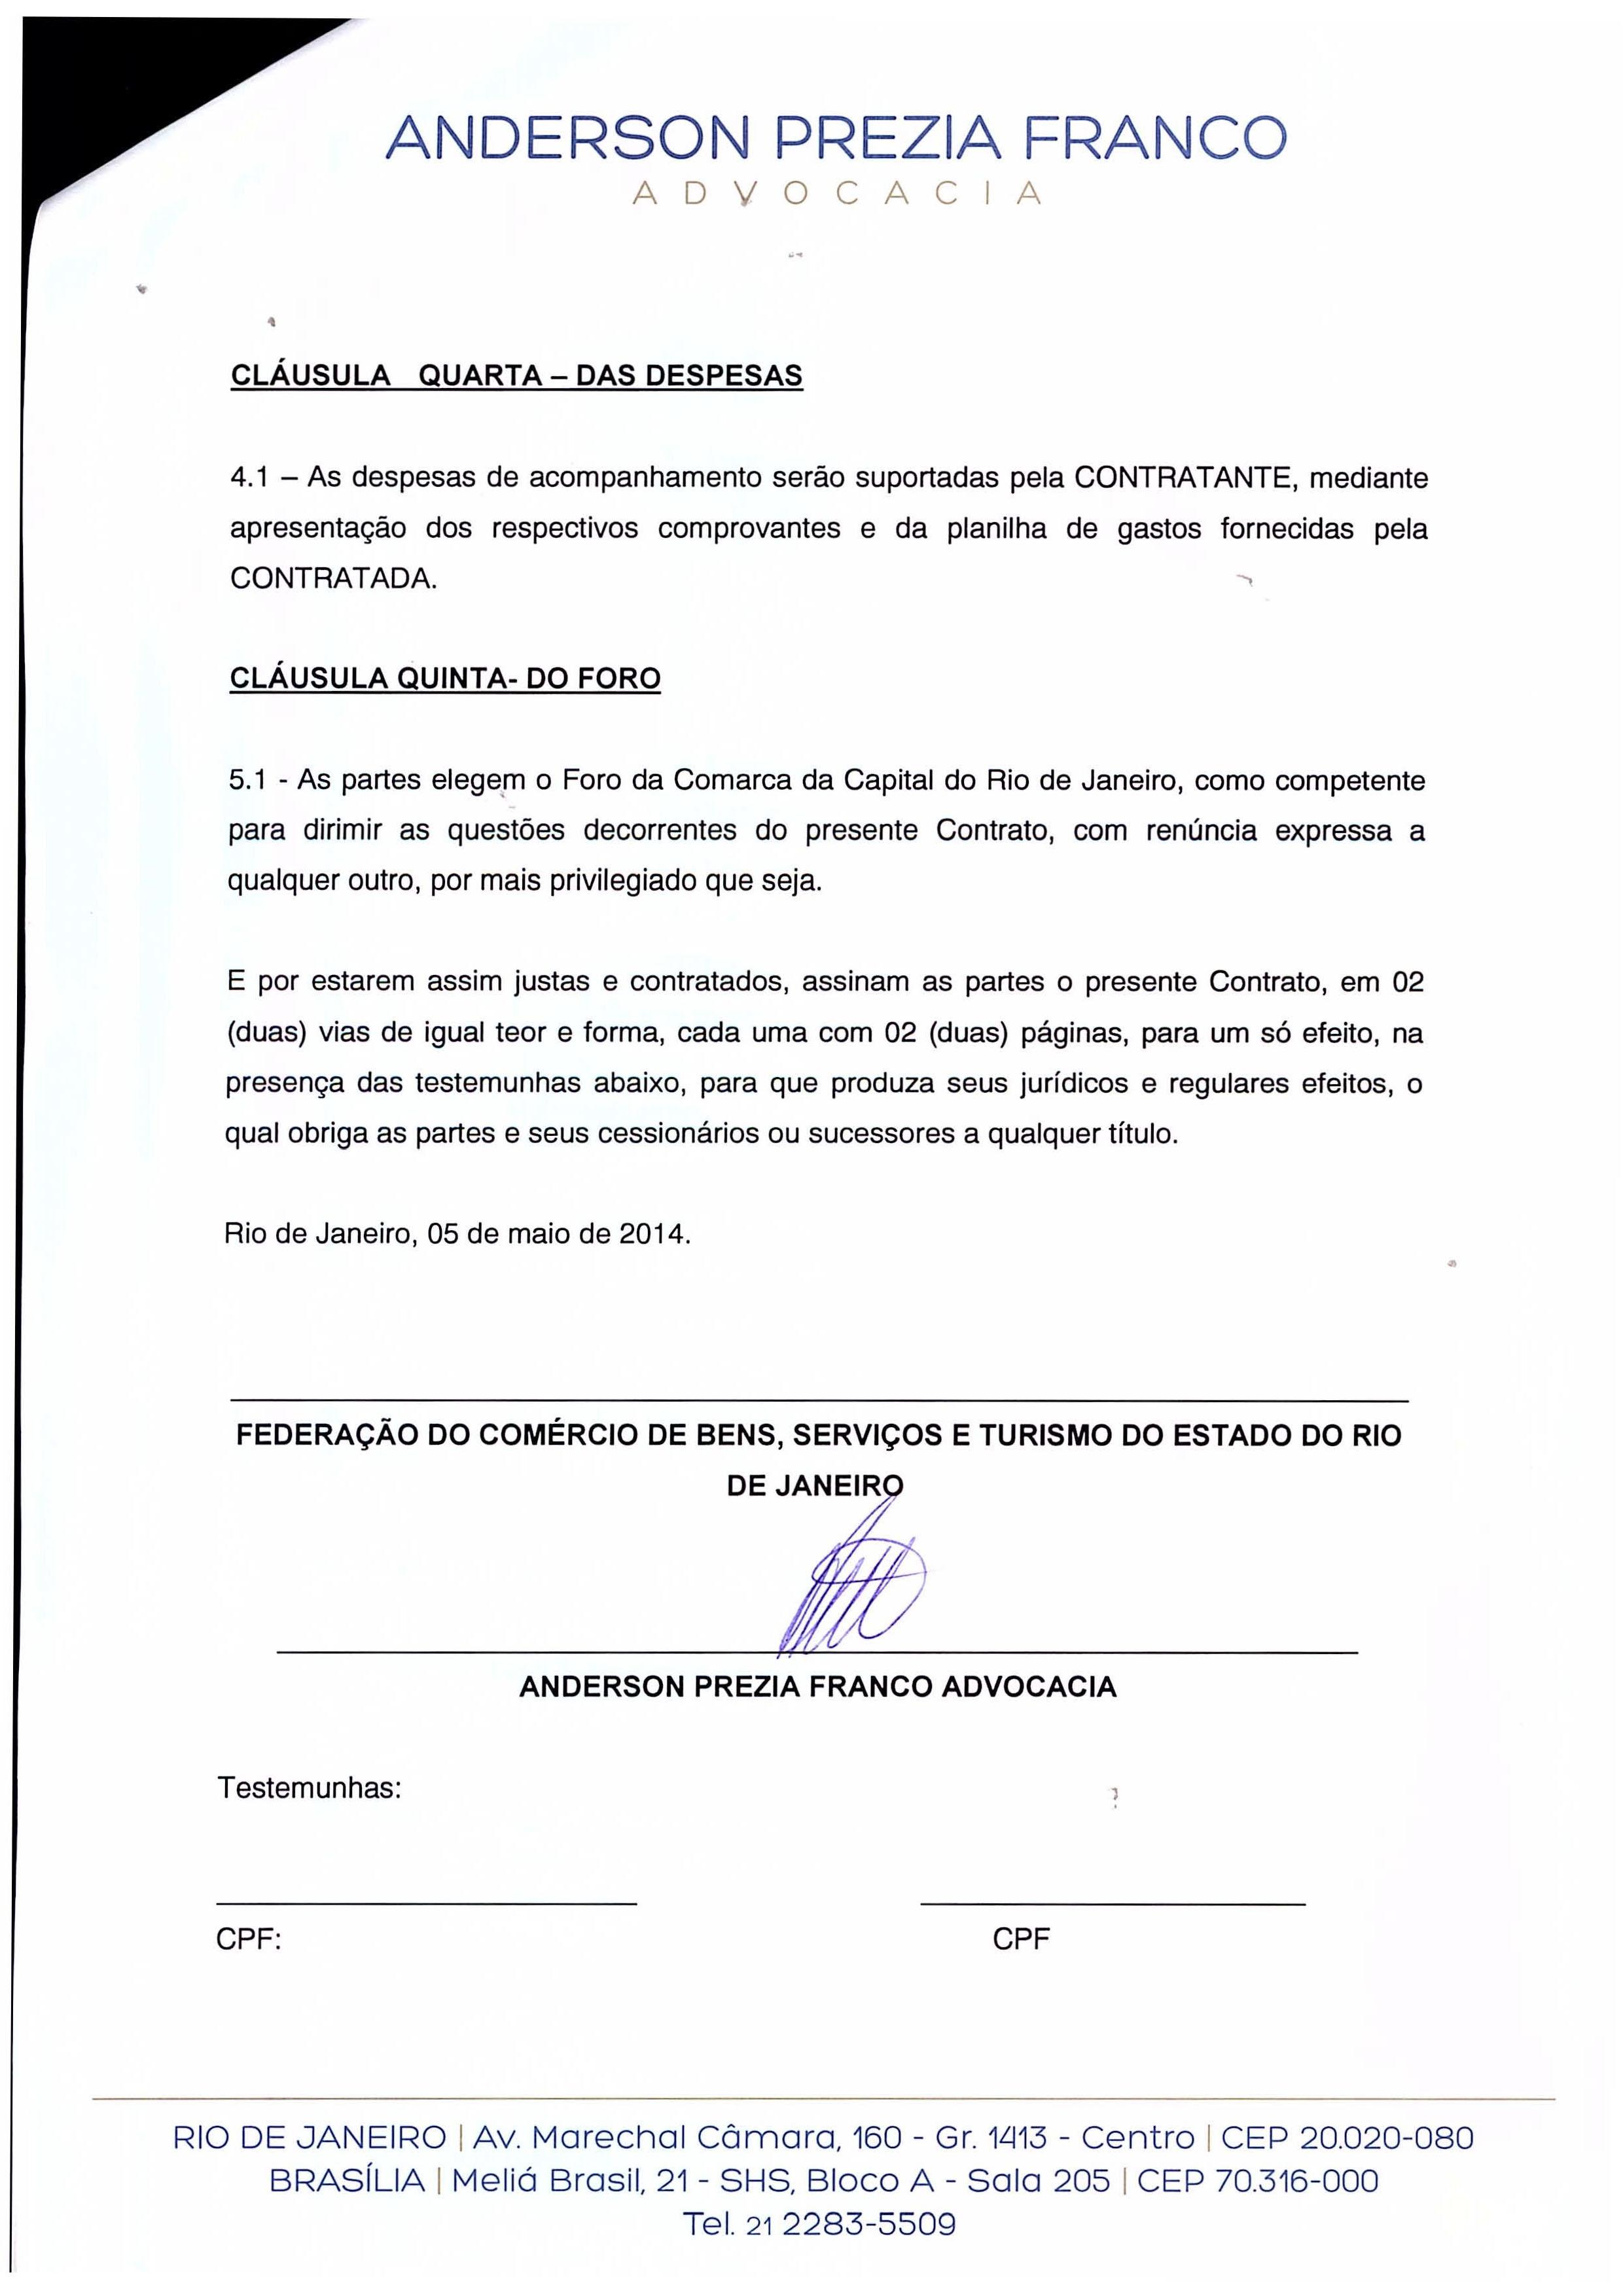 Contrato pg.5